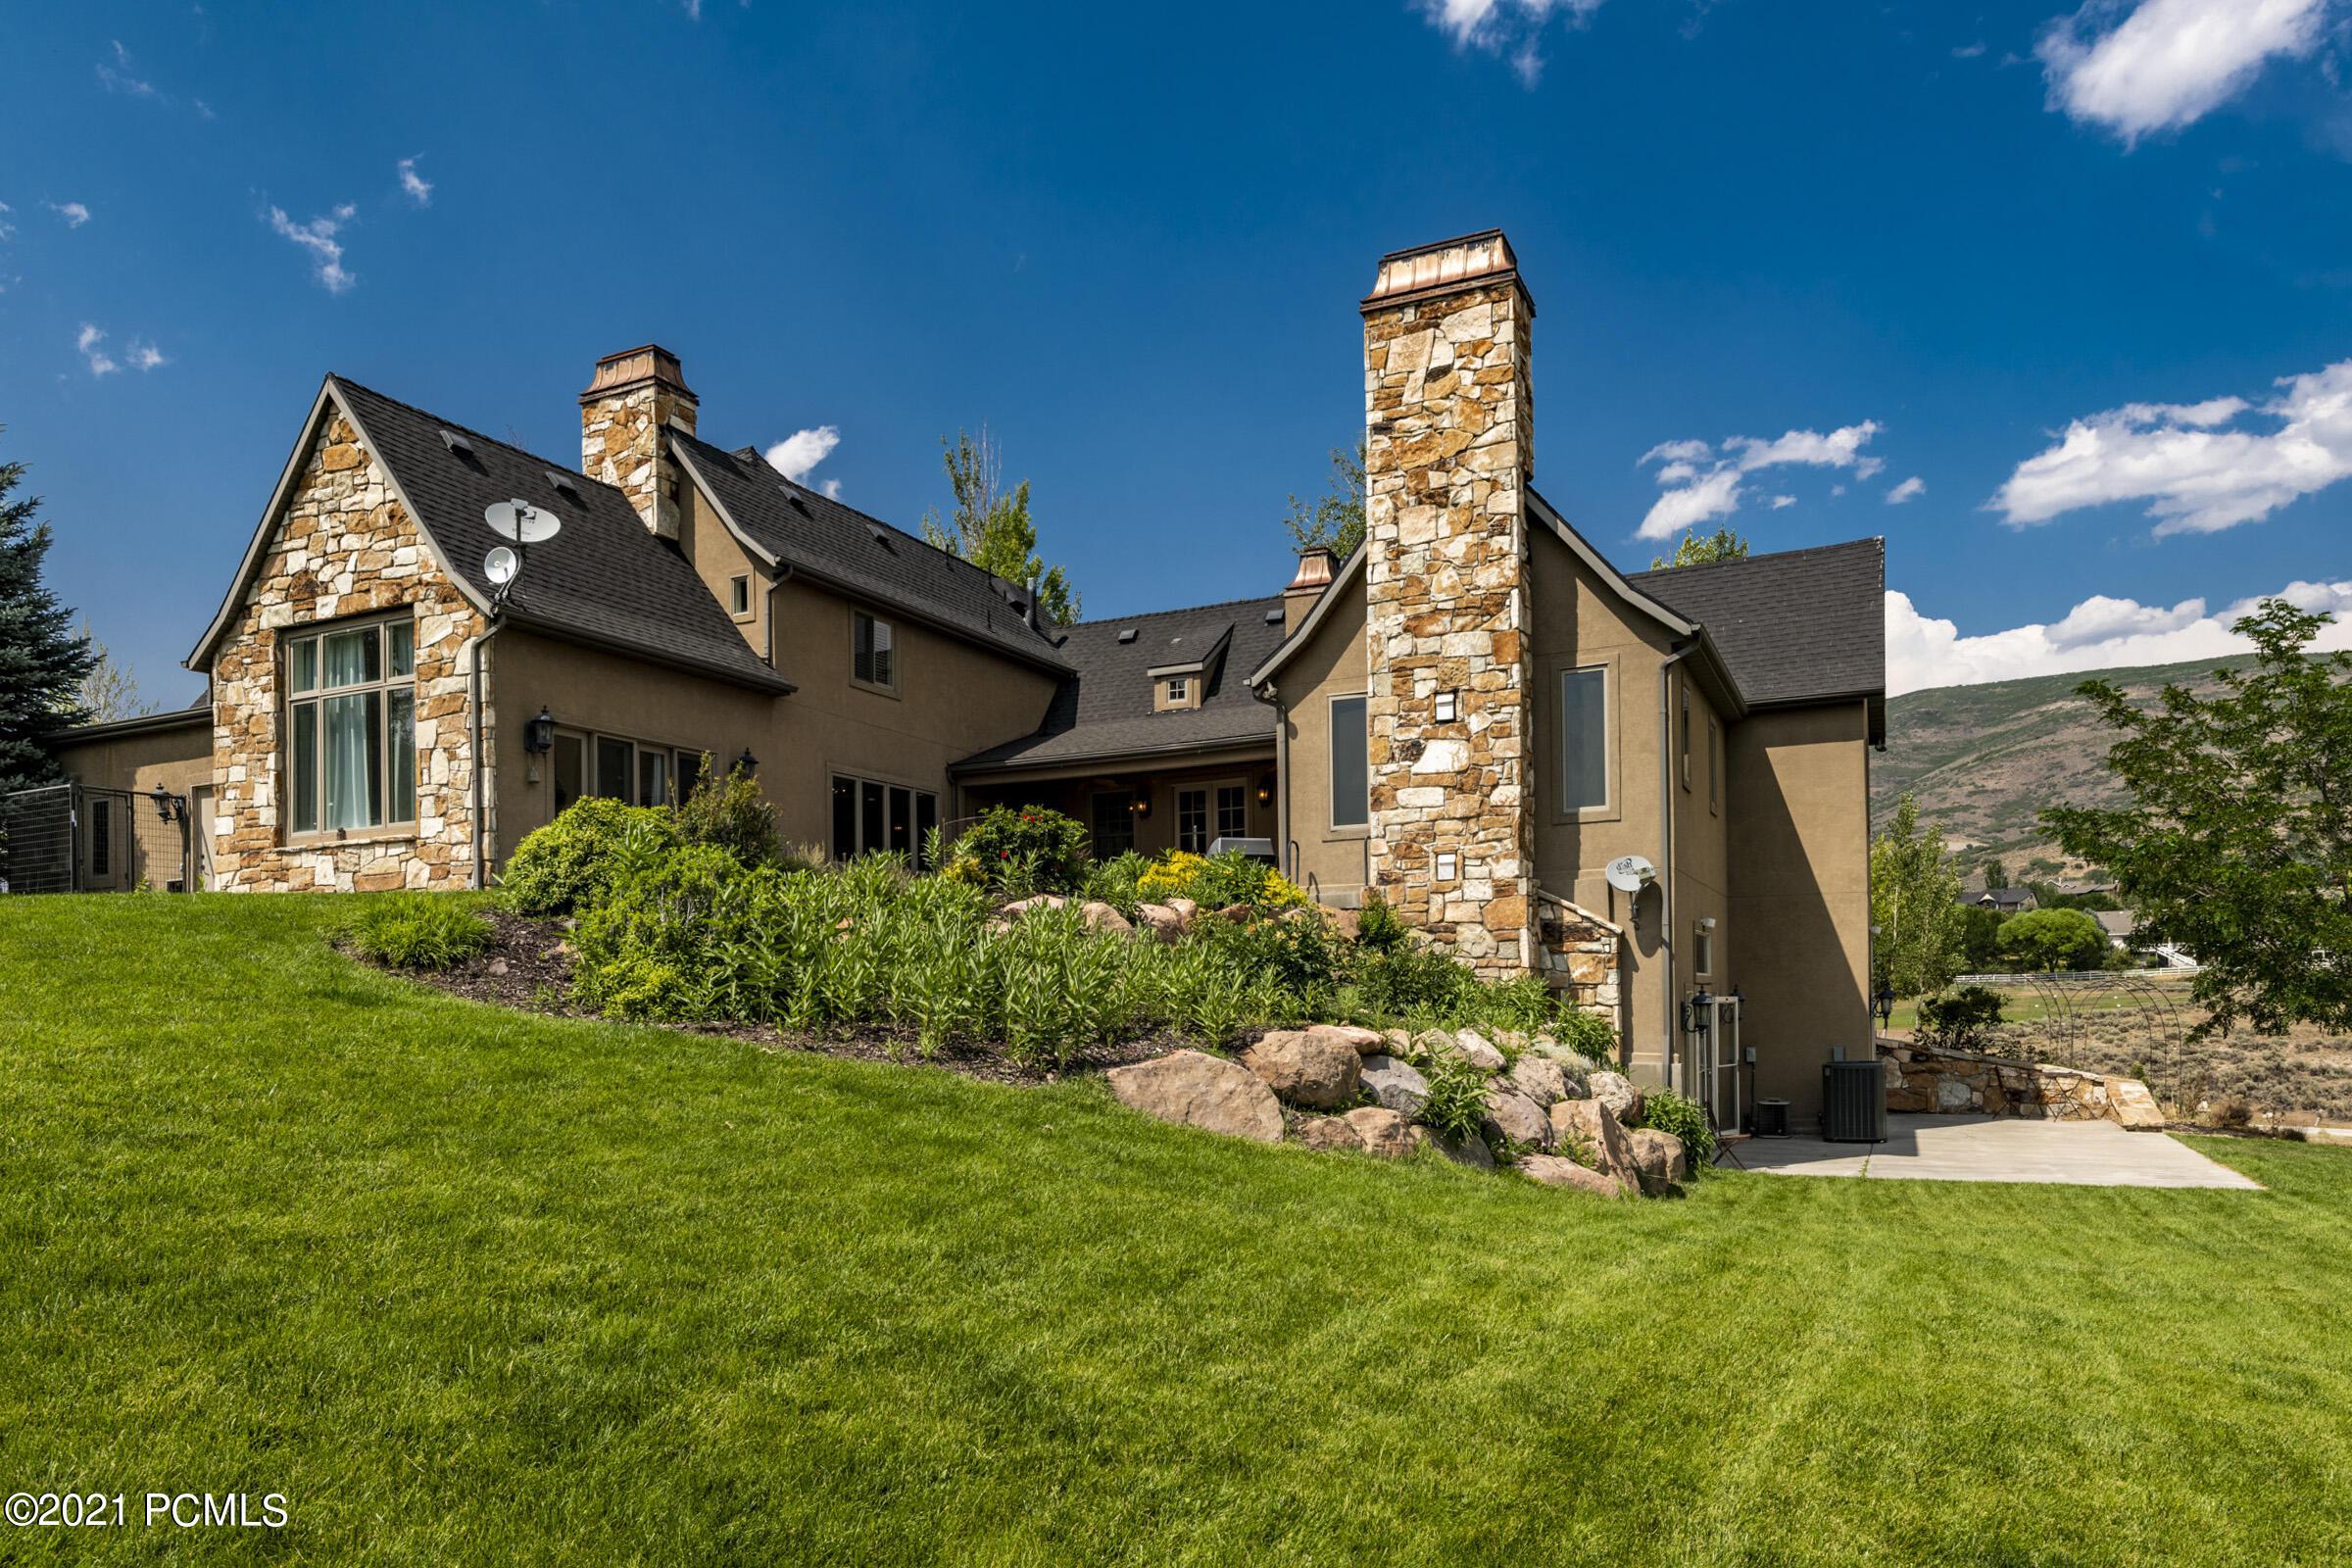 1235 1350 N, Heber City, Utah 84032, 4 Bedrooms Bedrooms, ,5 BathroomsBathrooms,Single Family,For Sale,1350 N,12102870